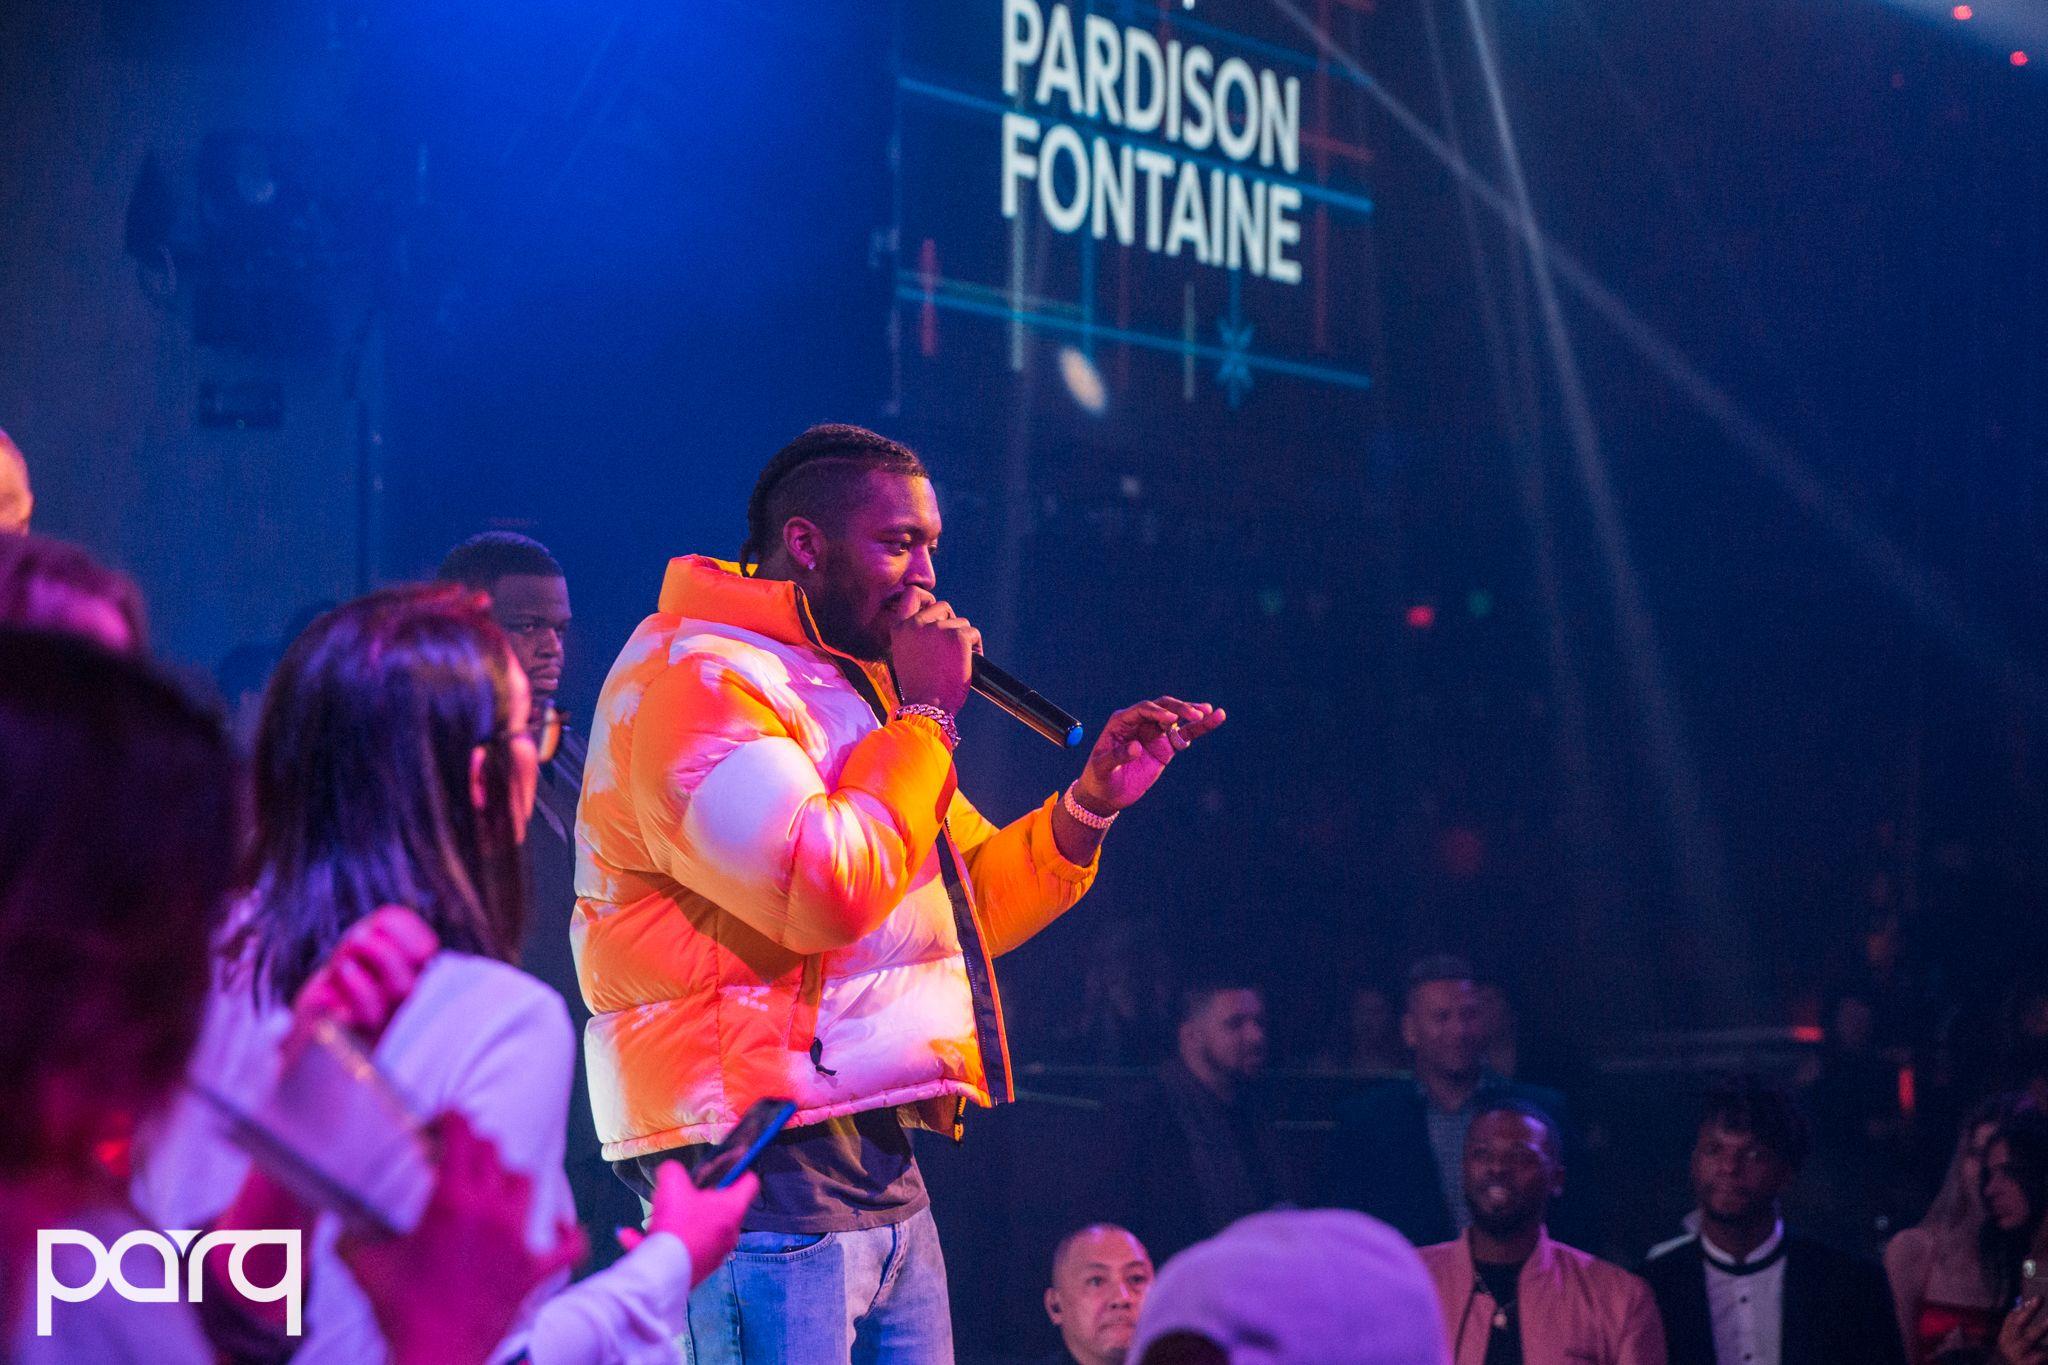 01.24.20 Parq - Pardison Fontaine-25.jpg